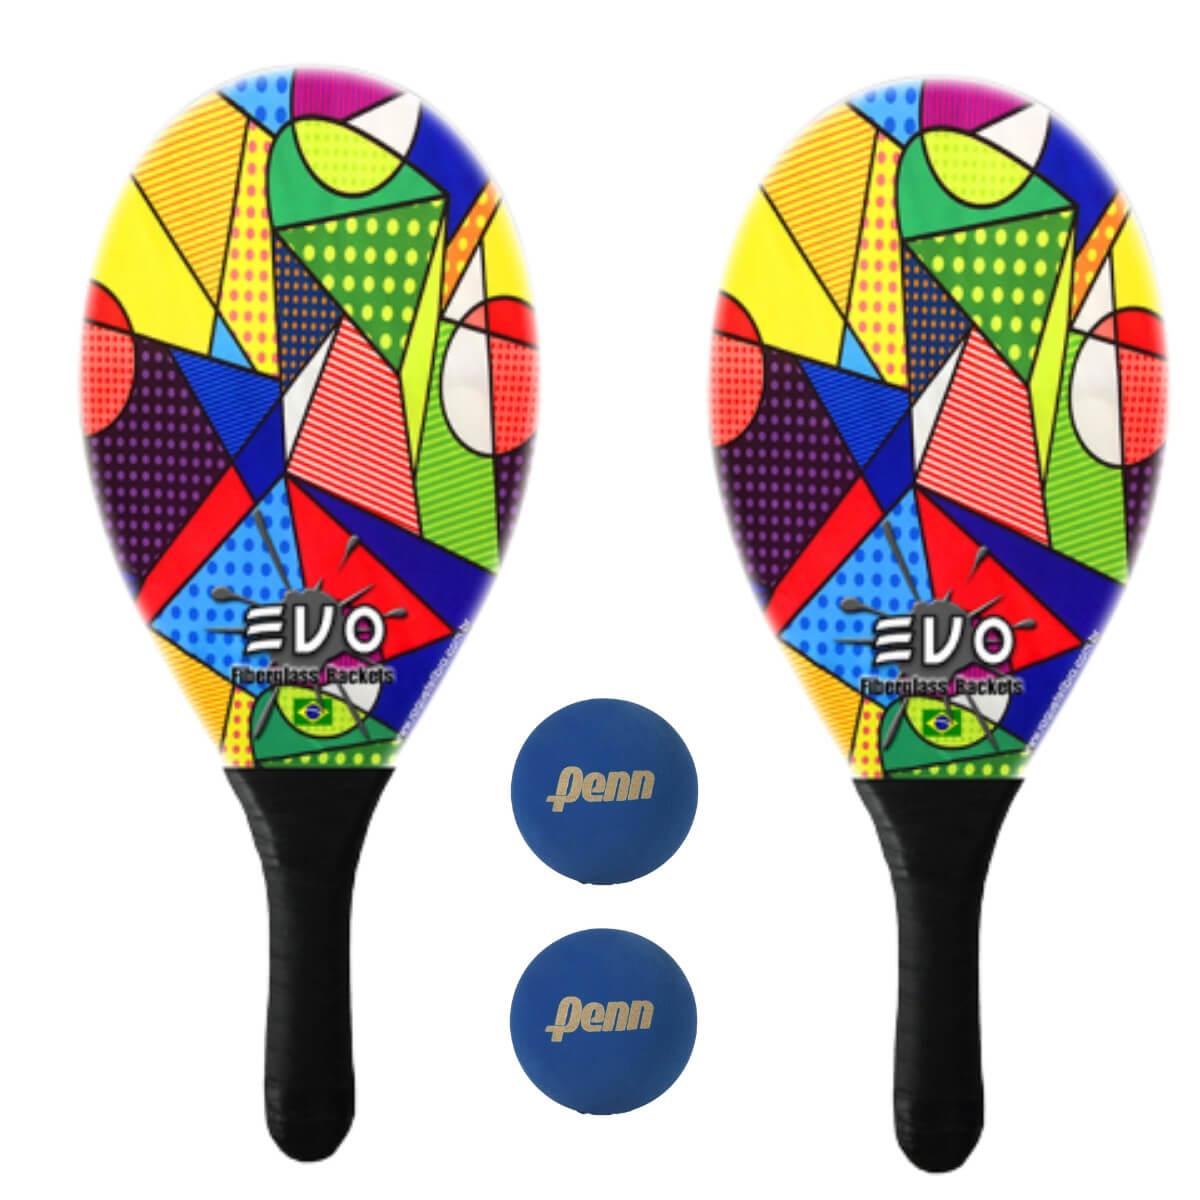 Kit Raquetes Frescobol Evo Fibra Vidro Picasso com 2 Bolas Penn